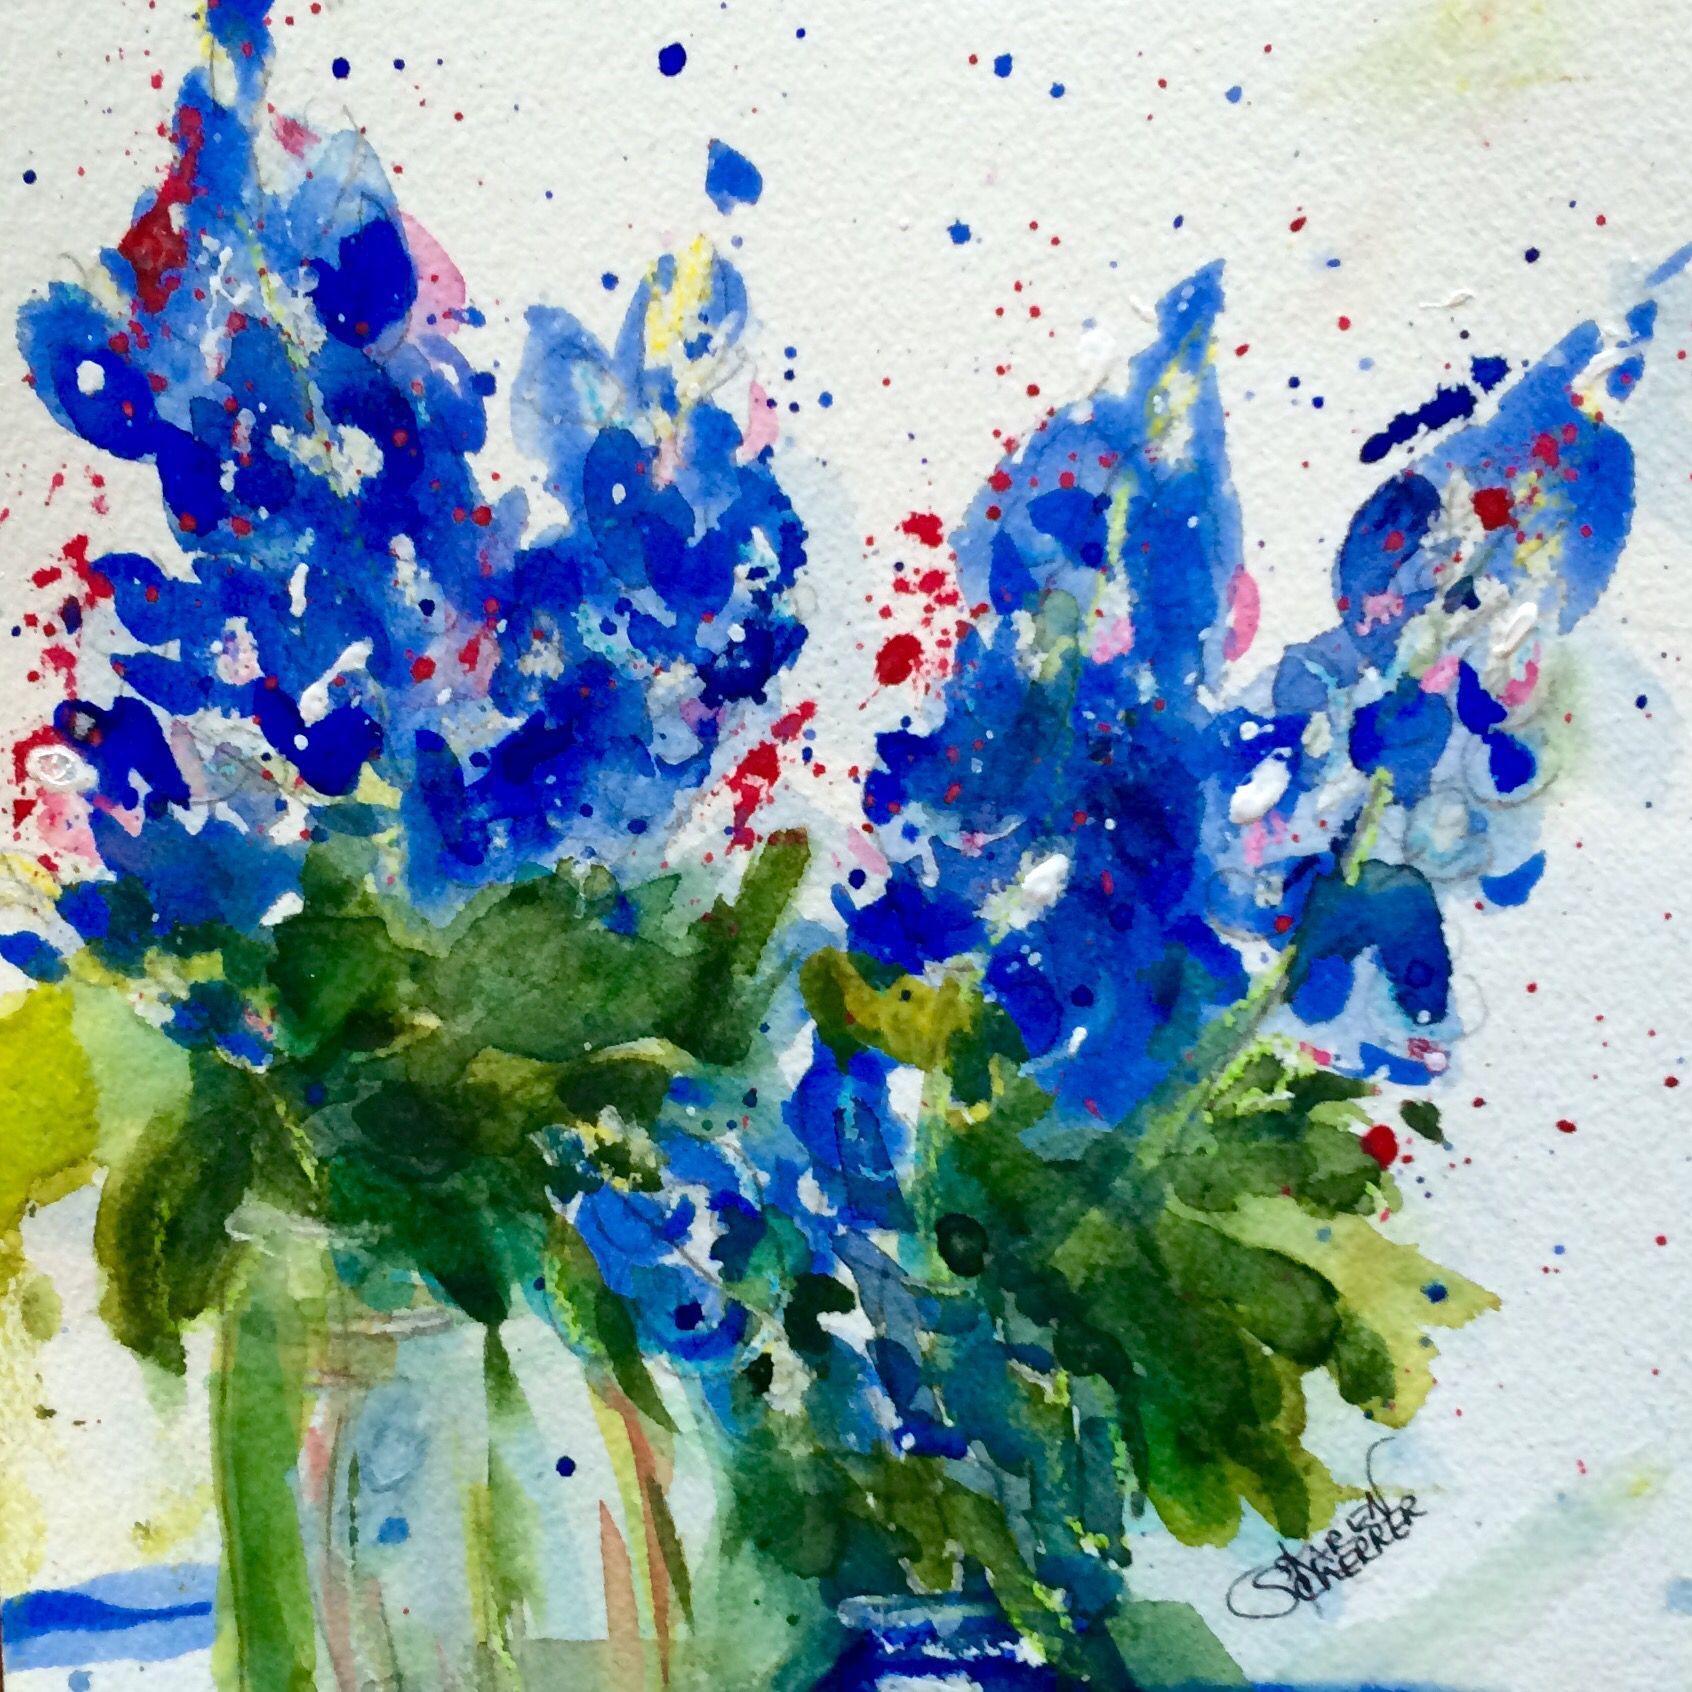 Watercolor artist in texas -  Bluebonnets In Jars By Texas Watercolor Artist Karen Scherrer